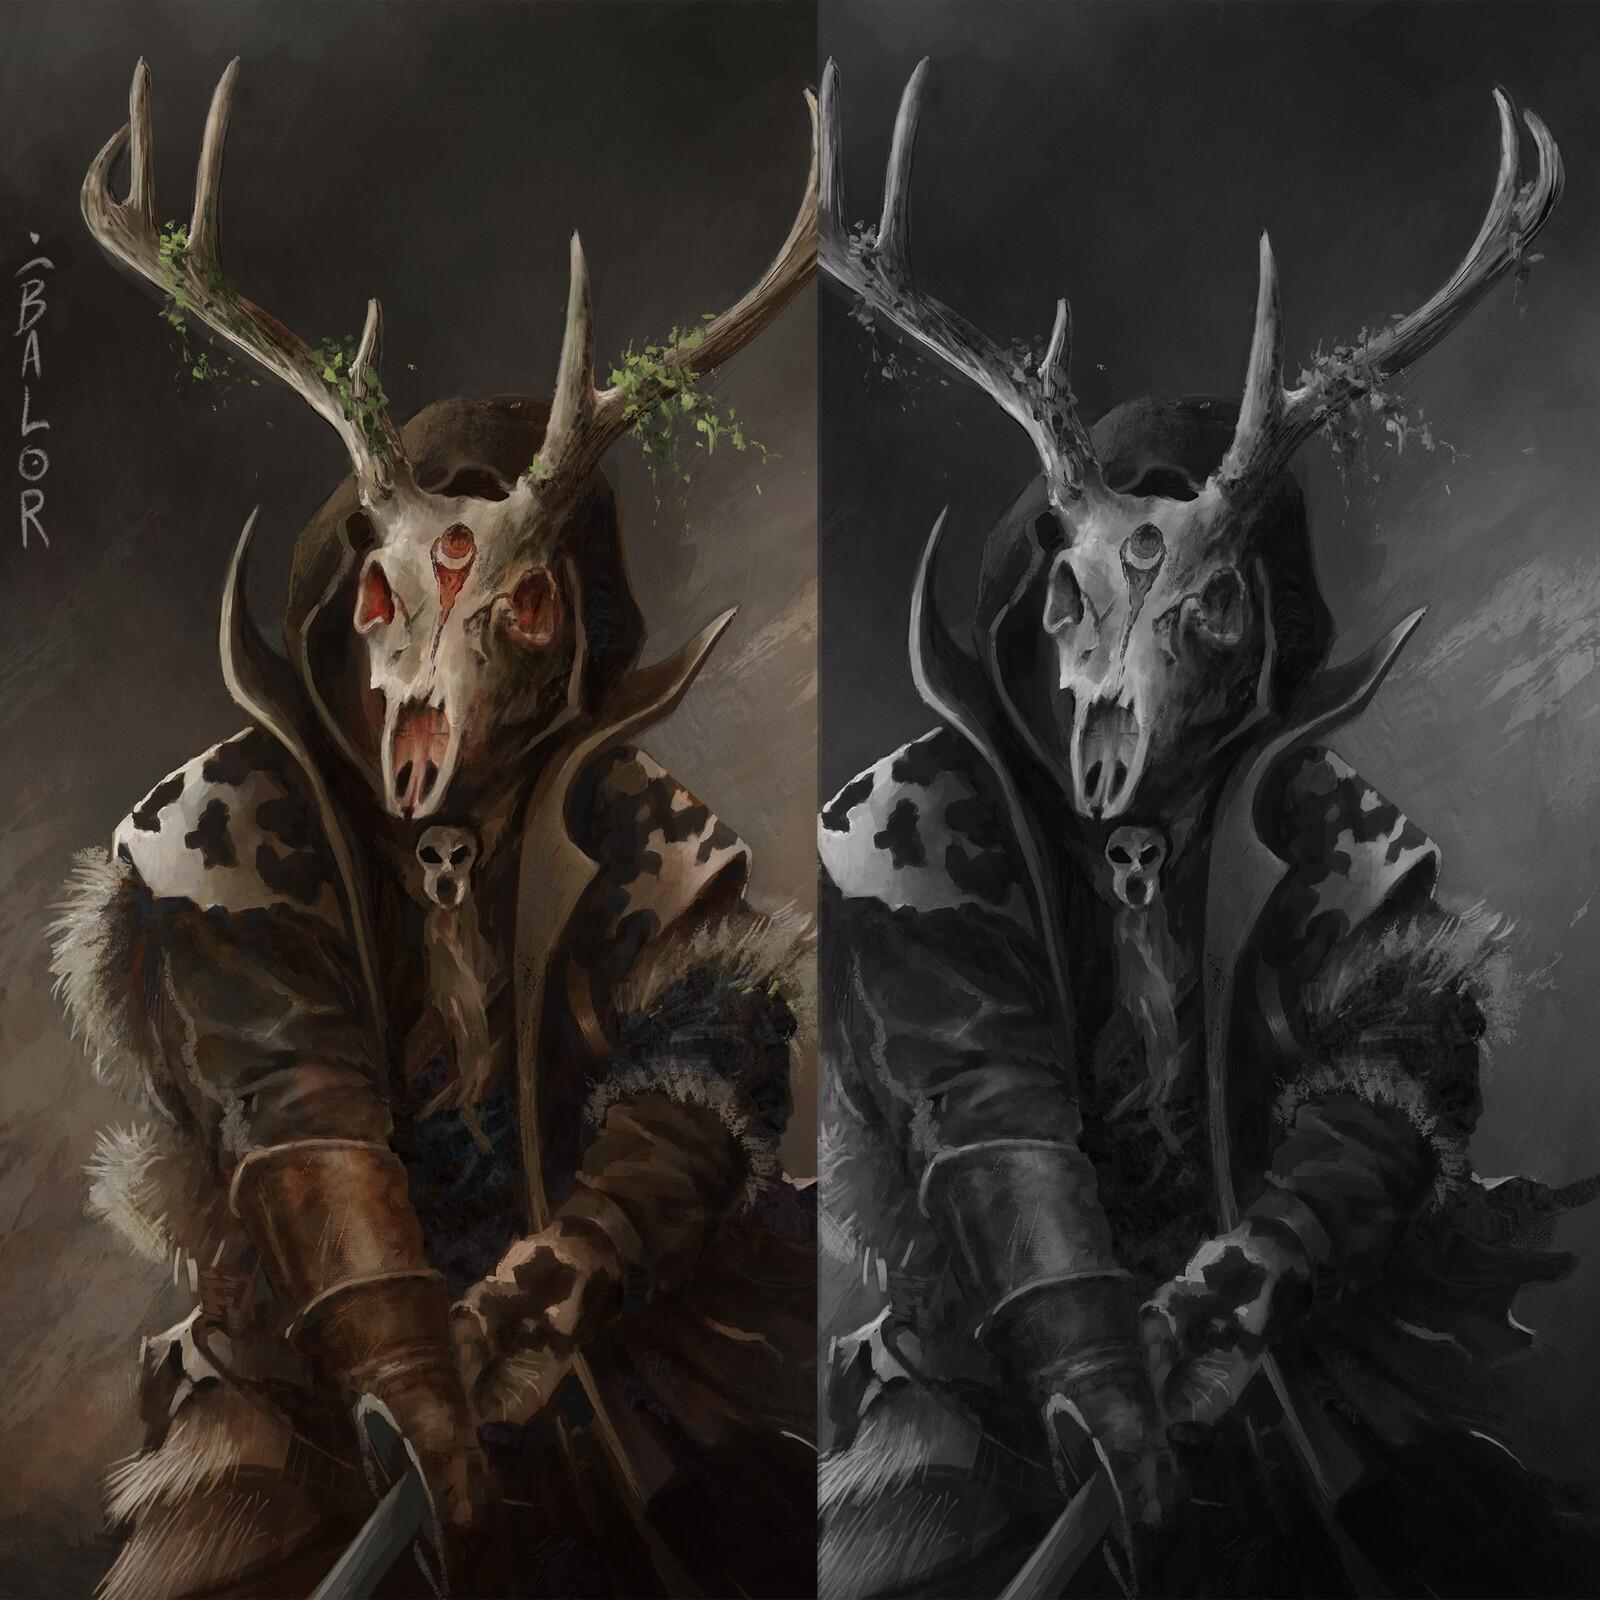 The Formorian King: Balor